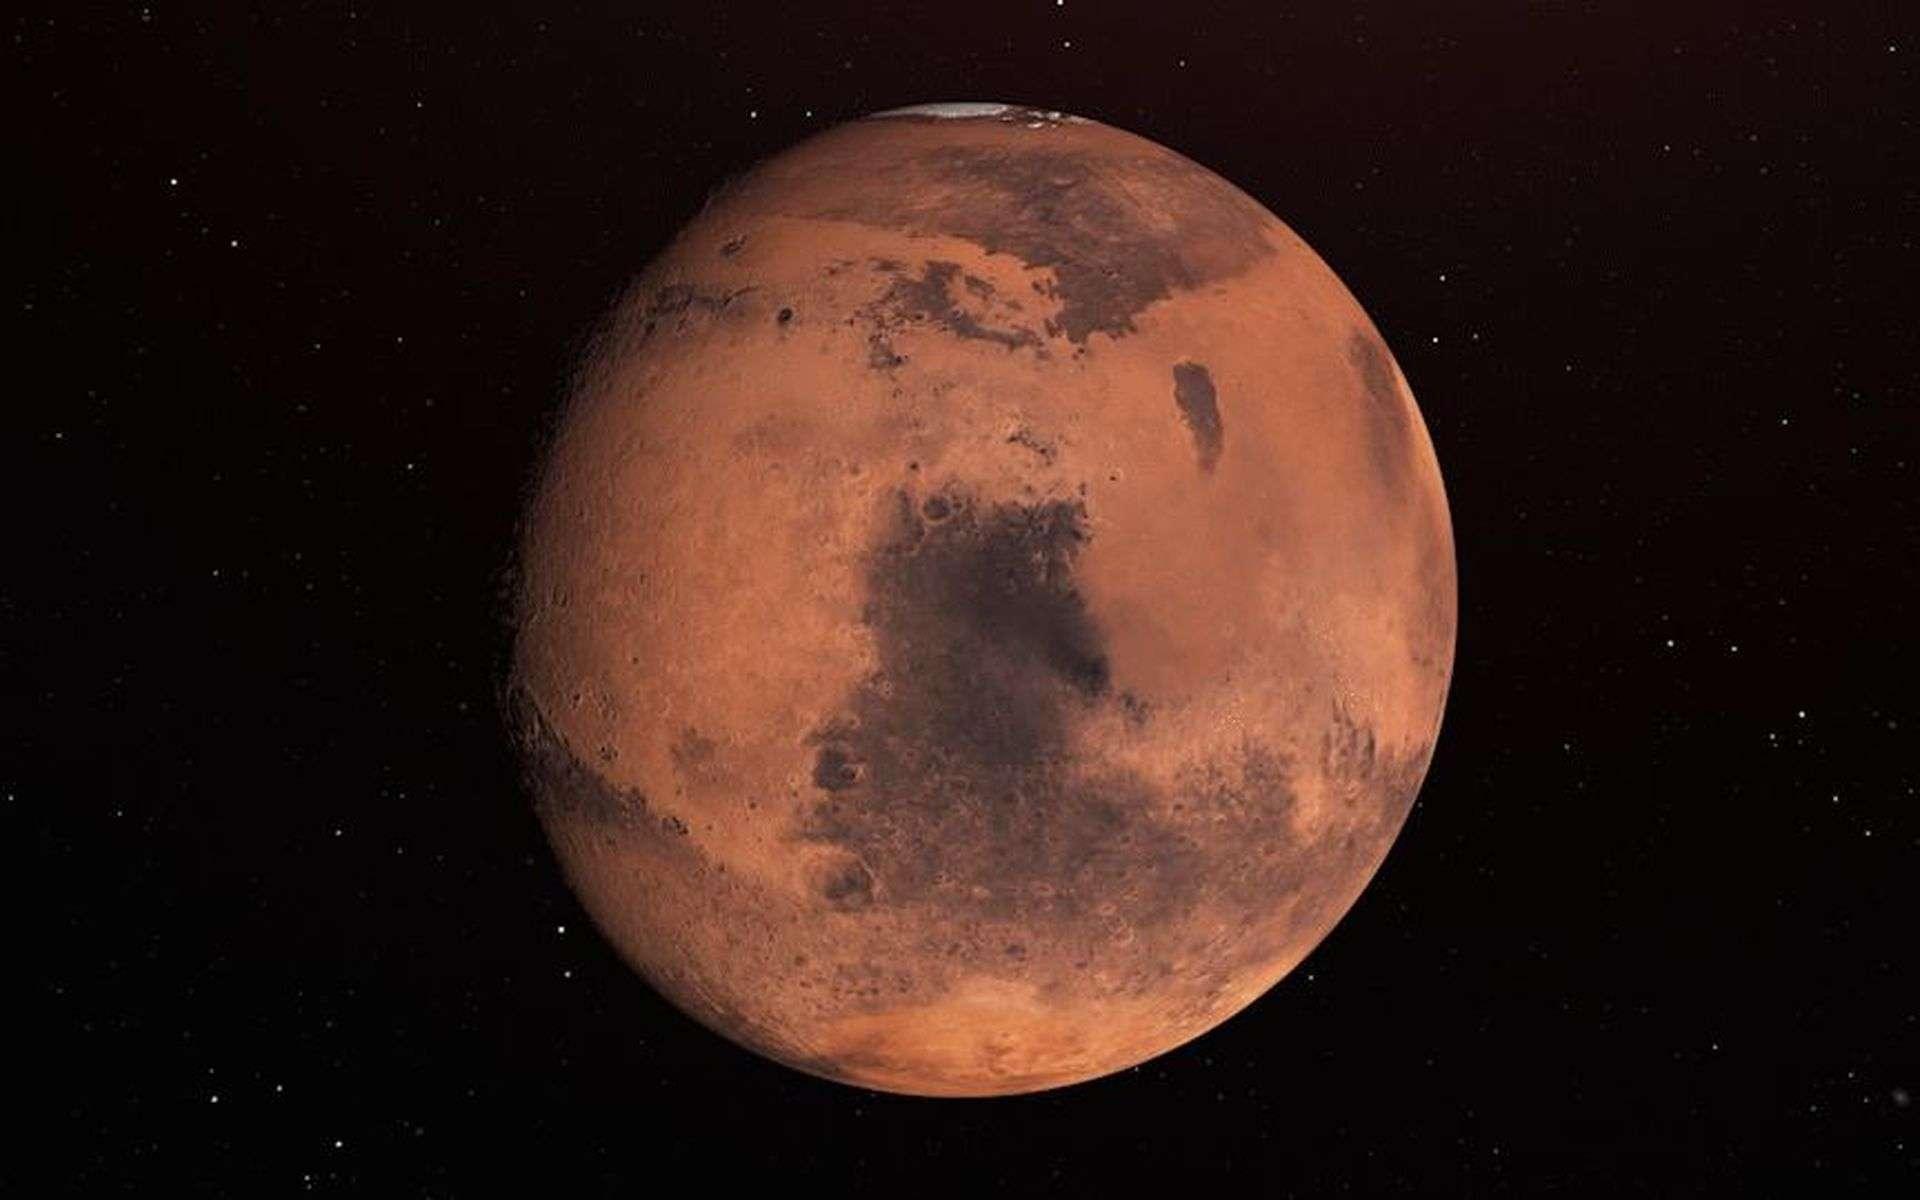 Objet de nombreux récits de science-fiction, Mars est aujourd'hui la star de la conquête spatiale © Nasa, JPL-Caltech